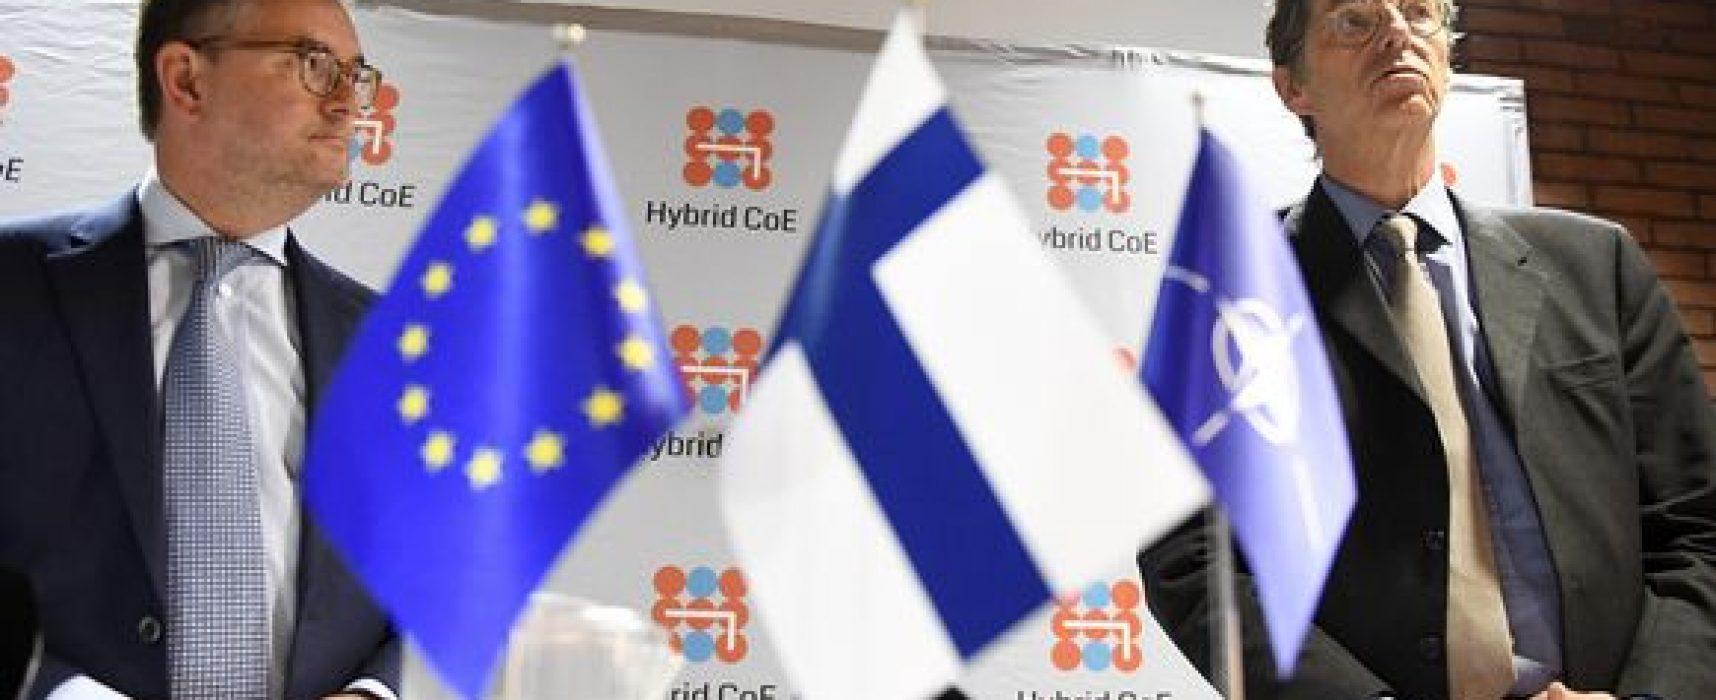 В Хельсинки открыли Европейский центр по противодействию гибридным угрозам